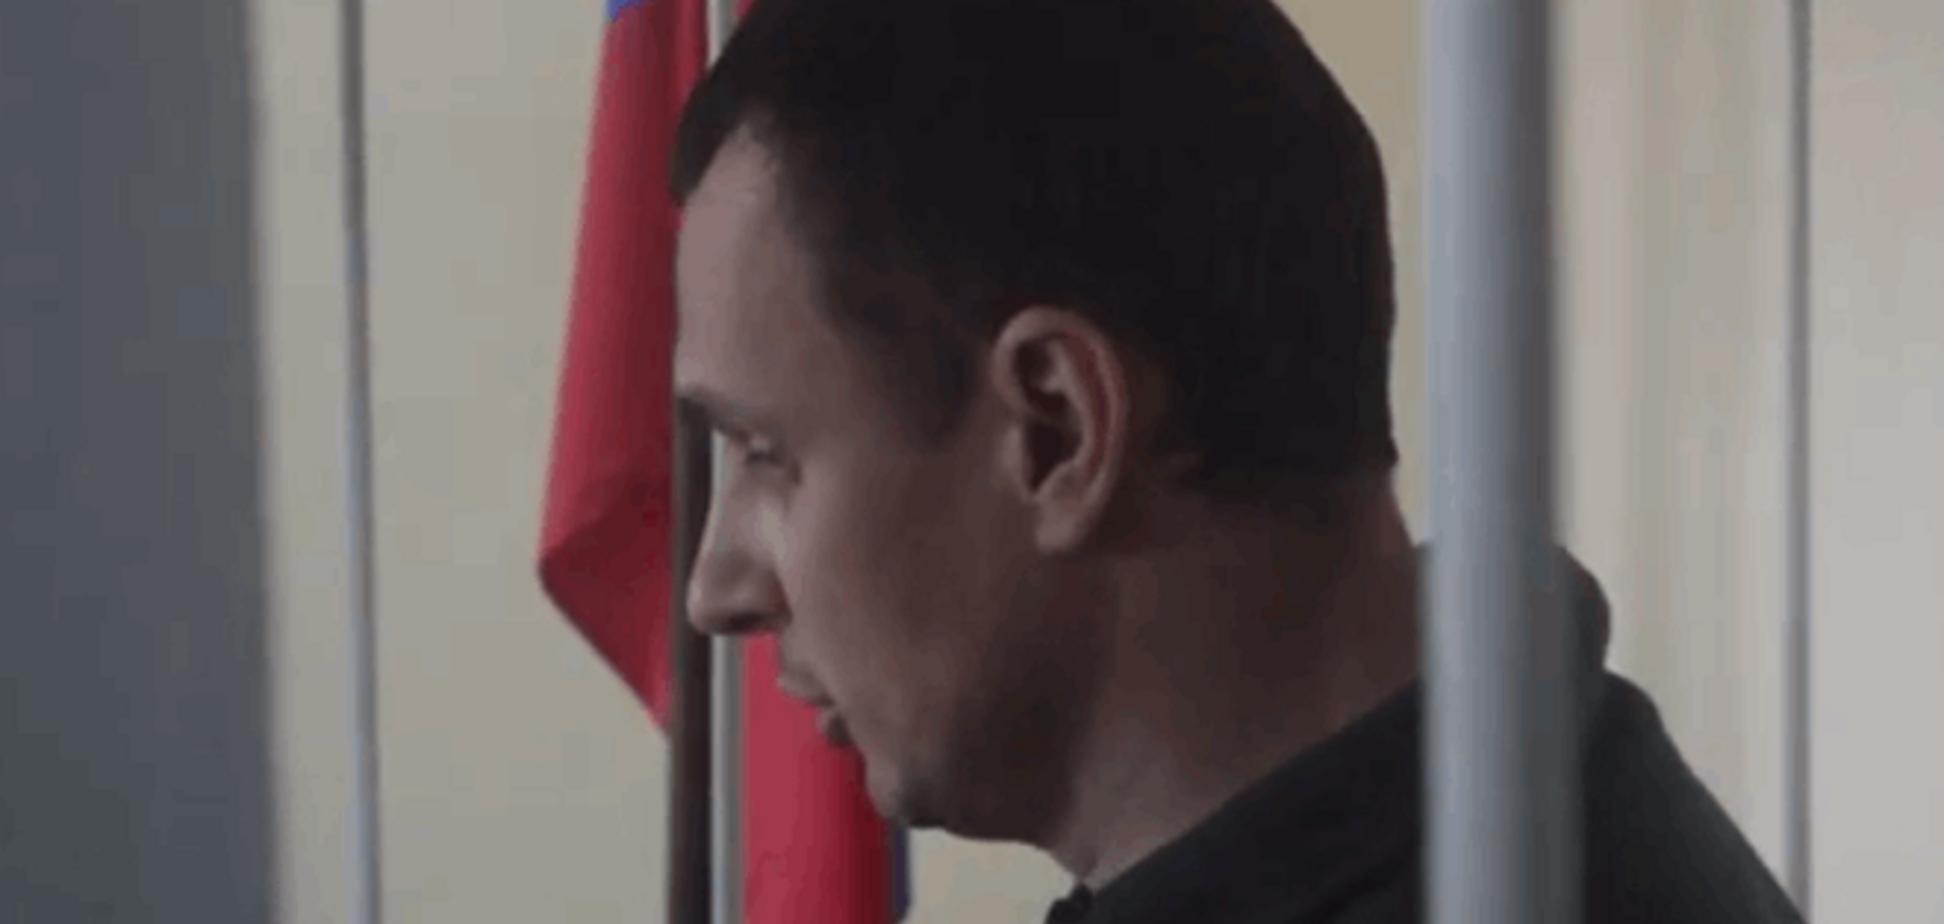 Сенцов о Путине: эпоха 'кровавого карлика' скоро закончится. Видеофакт